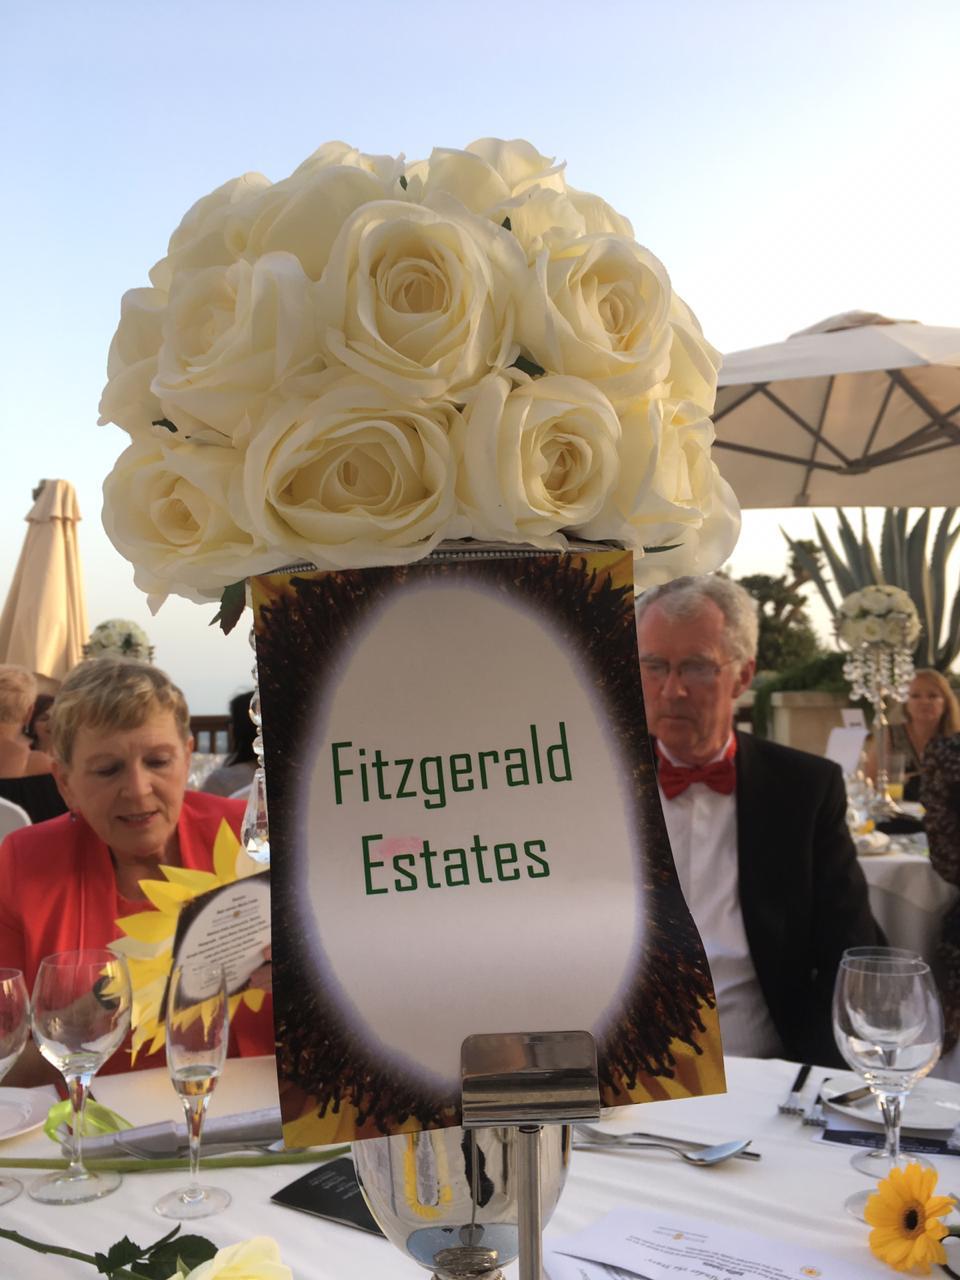 Fitzgerald's Team